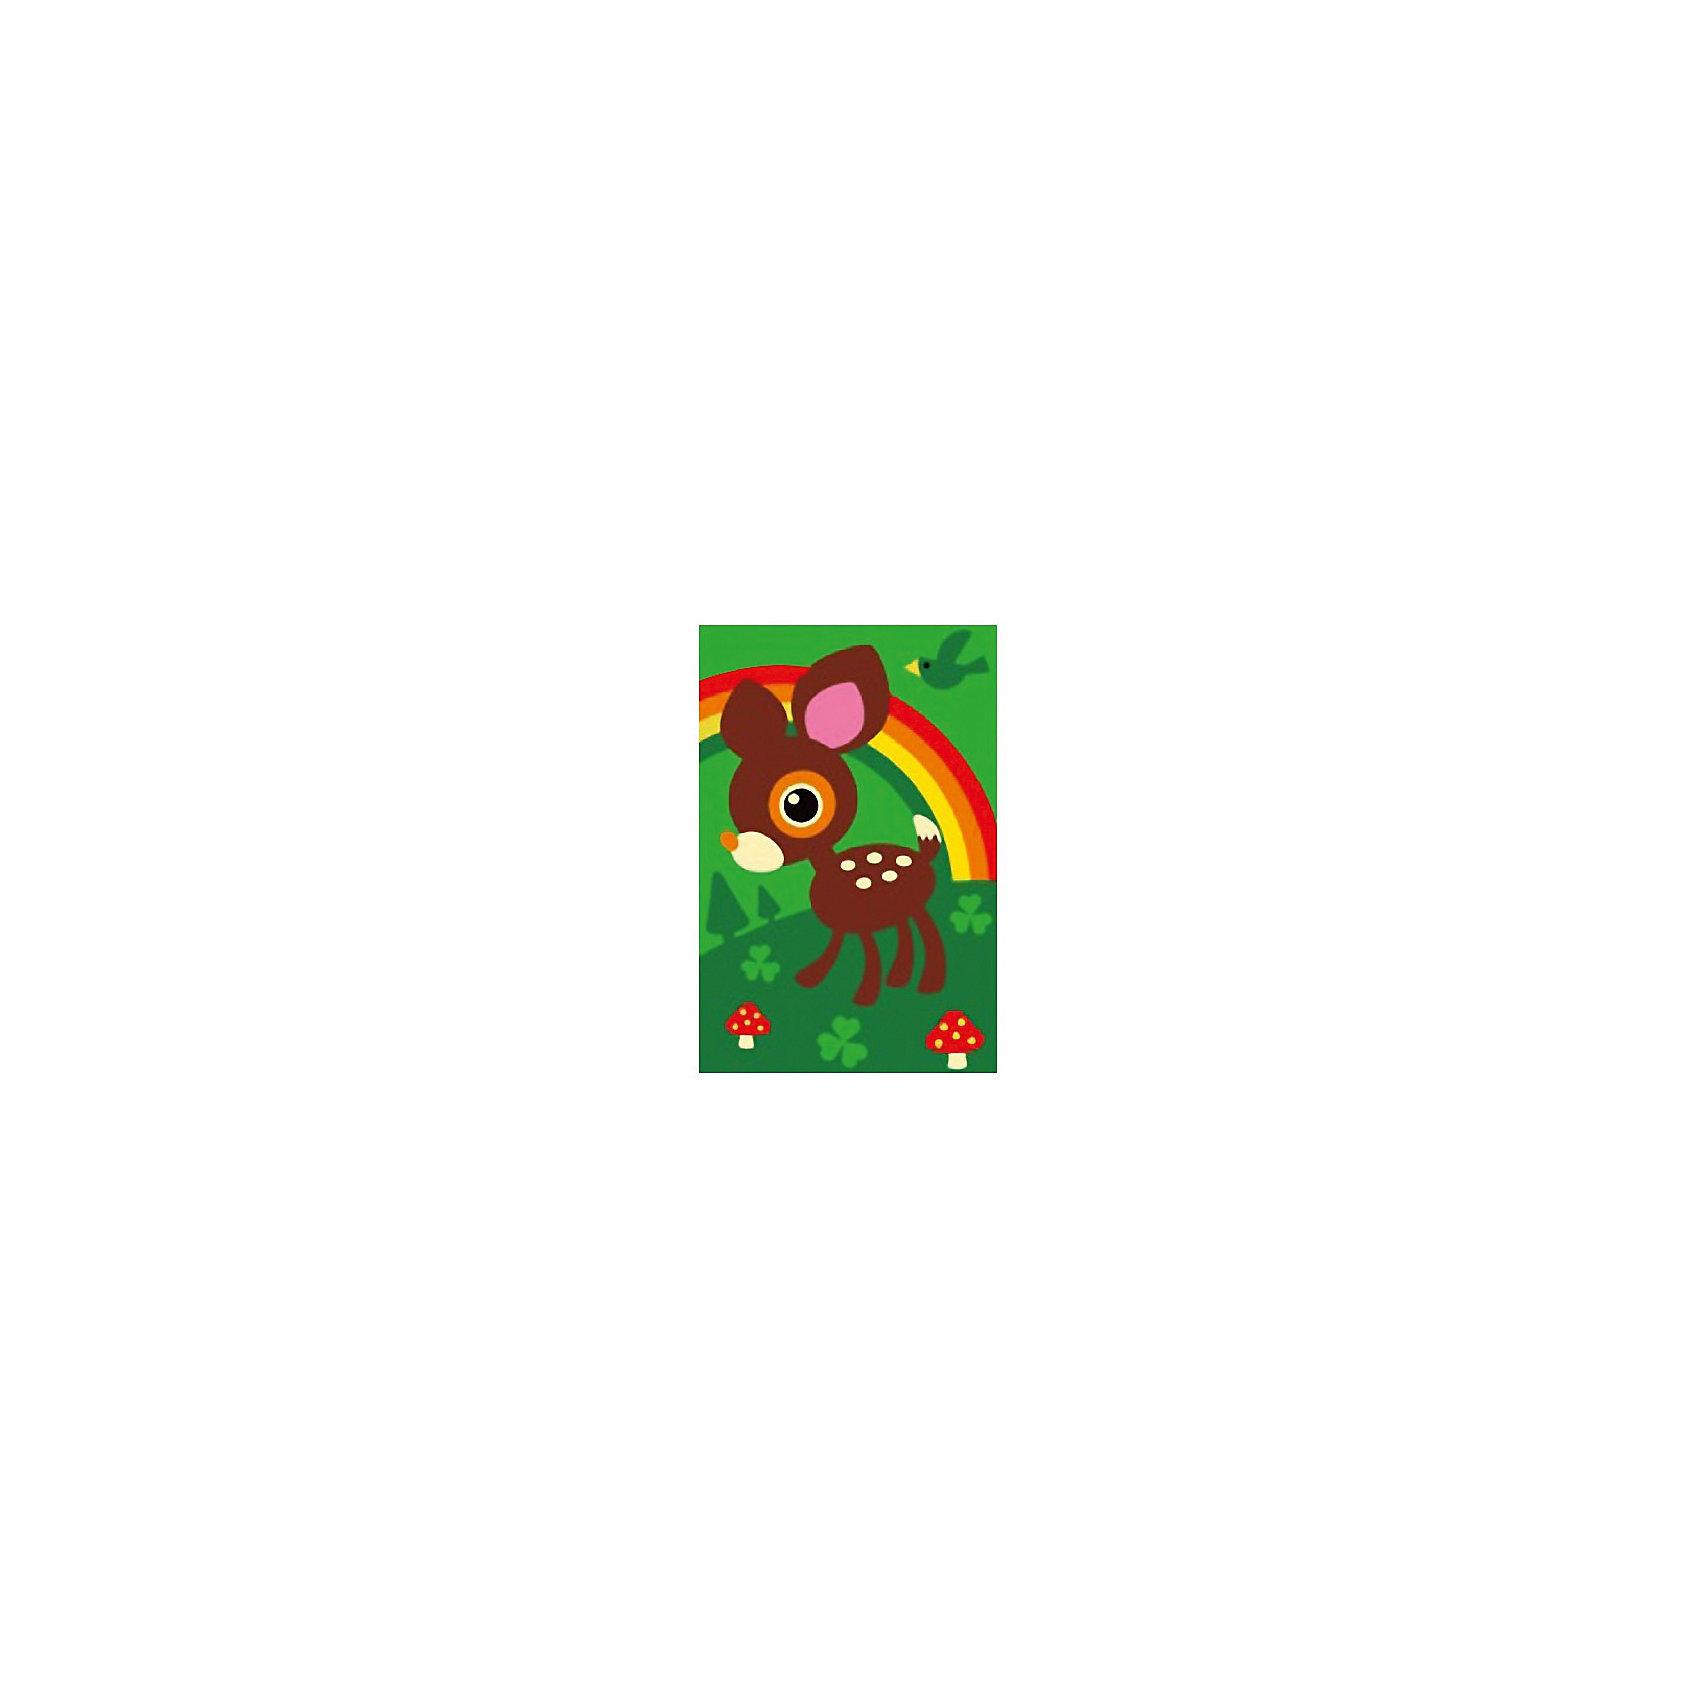 Набор юного художника Оленёнок, 20*30 смДетские картины с раскраской по номерам размером 20*30. На деревянном подрамнике, с прогрунтованным холстом и  нанесенными контурами картины, с указанием цвета закраски, акриловыми красками, 3 кисточками и креплением на стену. Уровень сложности, количество красок указаны на коробке.<br><br>Ширина мм: 300<br>Глубина мм: 200<br>Высота мм: 30<br>Вес г: 330<br>Возраст от месяцев: 60<br>Возраст до месяцев: 108<br>Пол: Унисекс<br>Возраст: Детский<br>SKU: 5417632